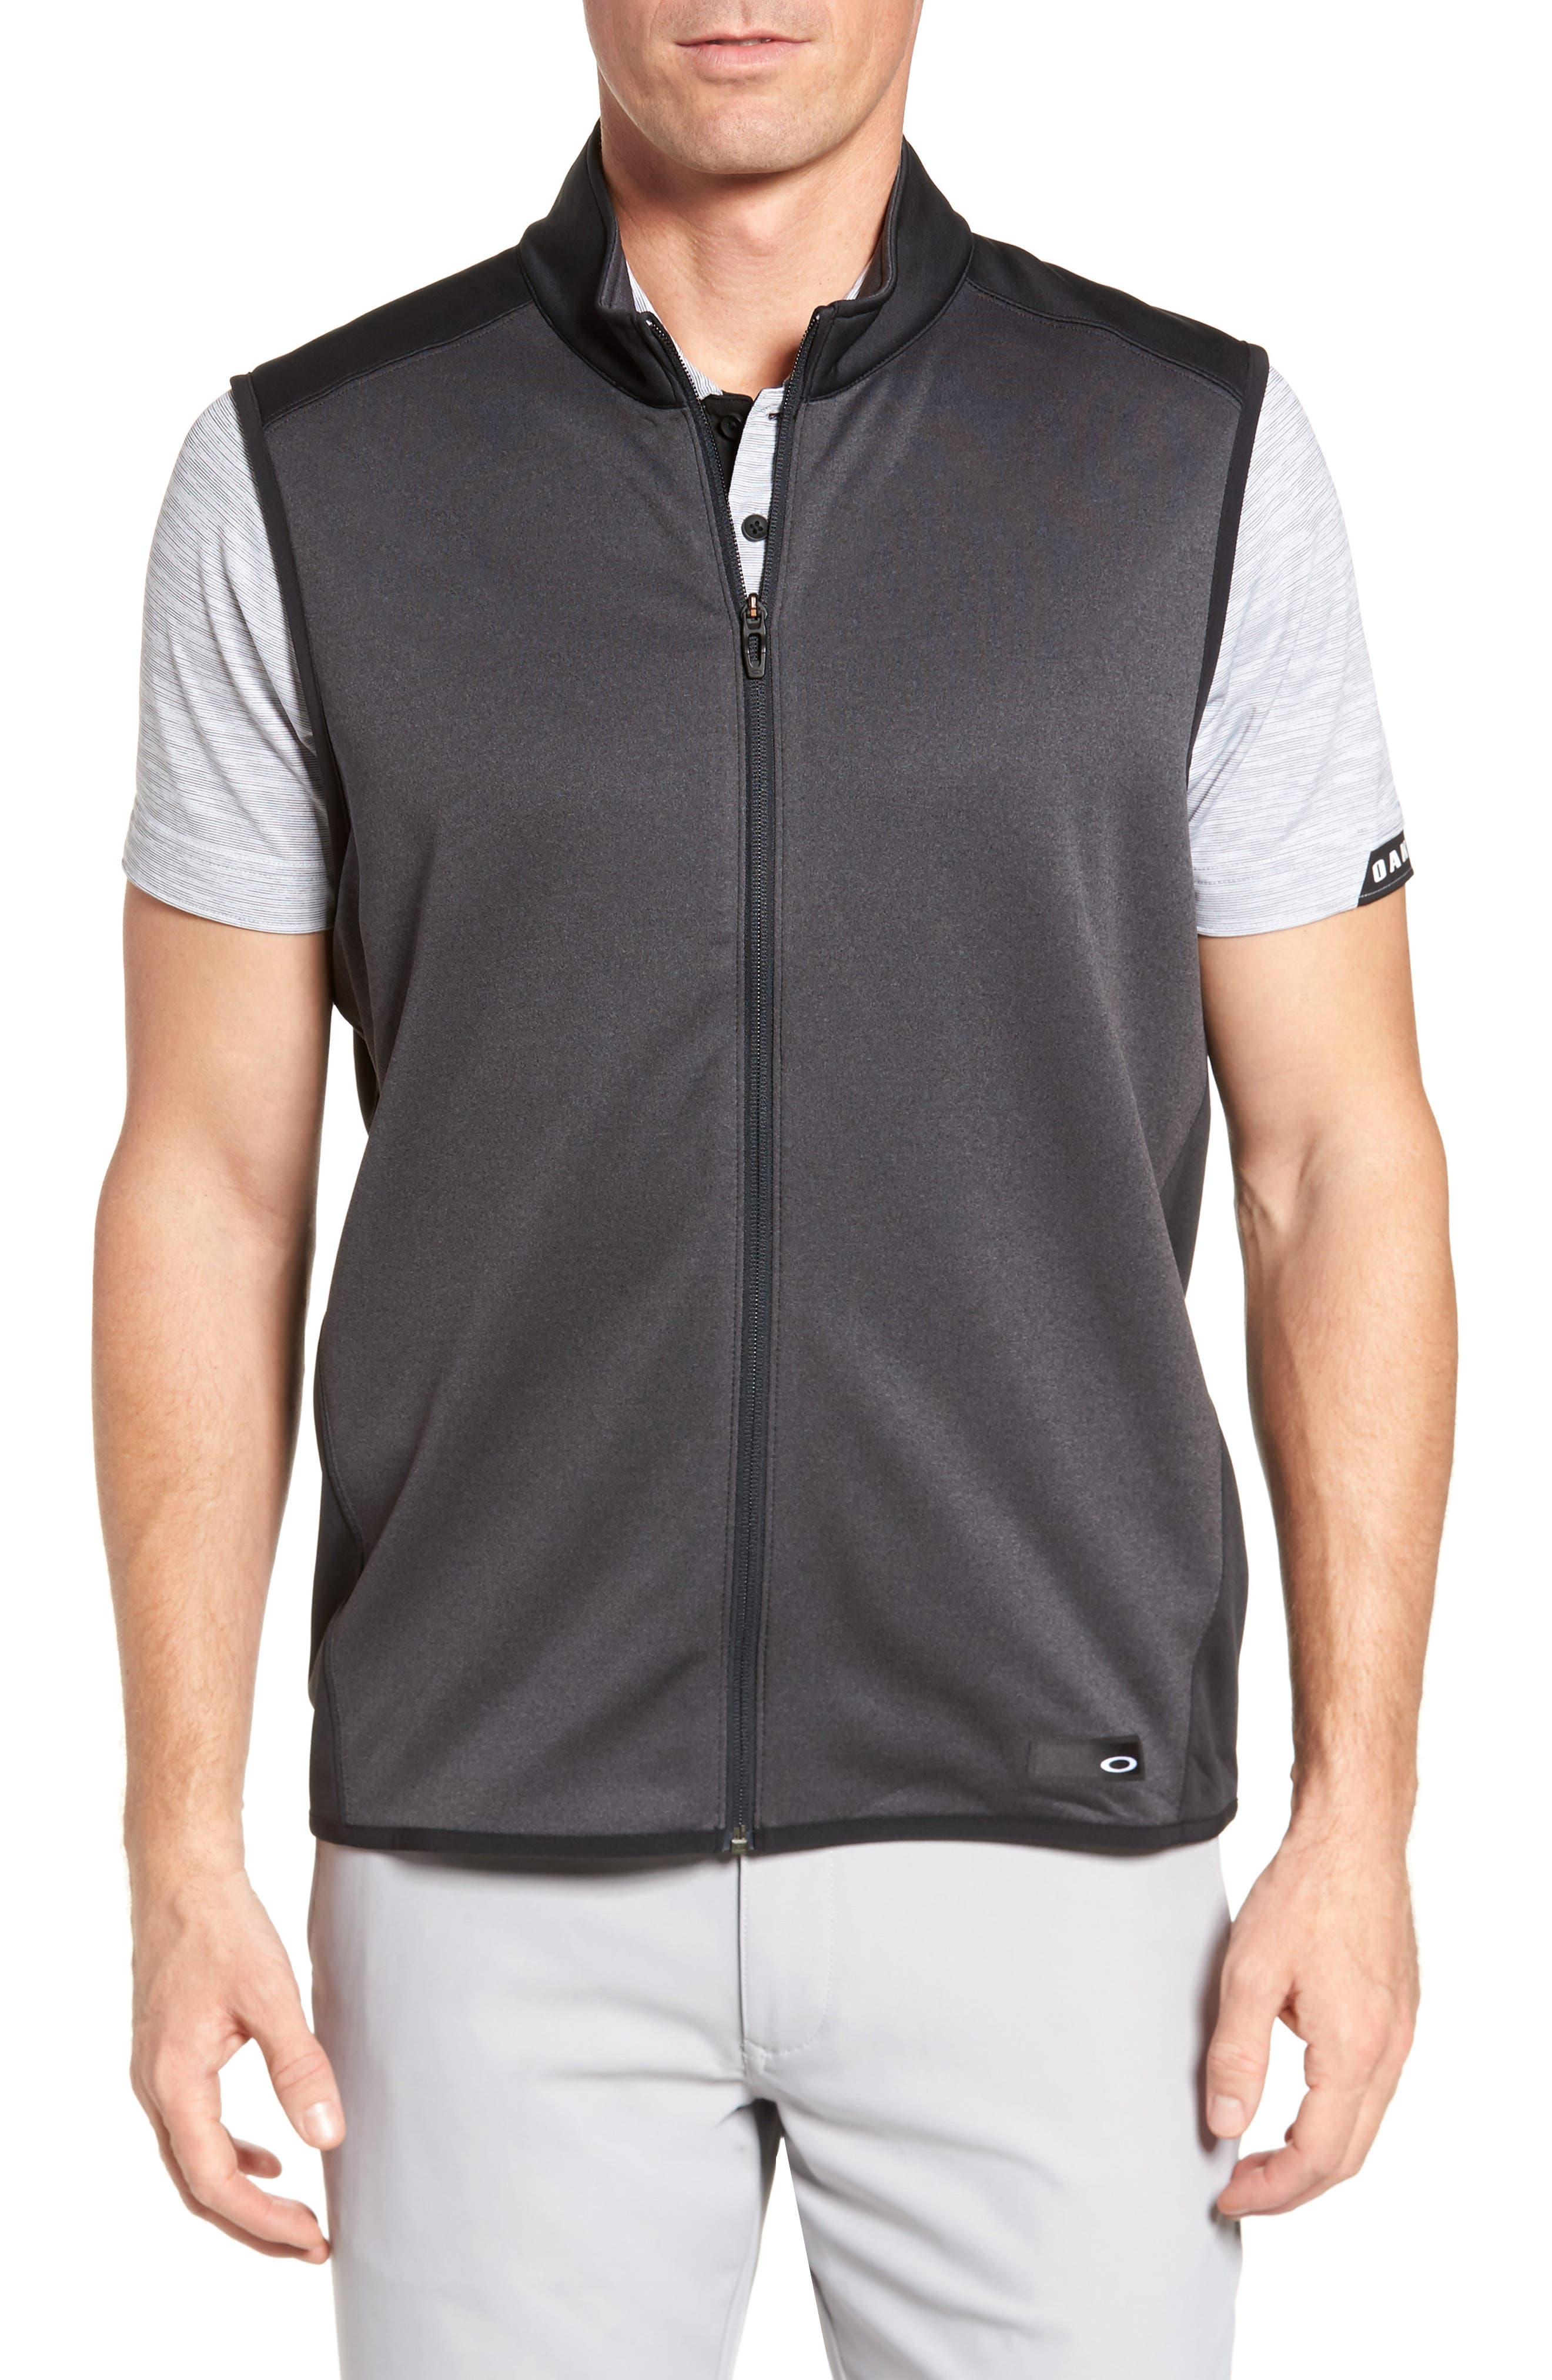 Range Vest,                             Main thumbnail 1, color,                             Blackout